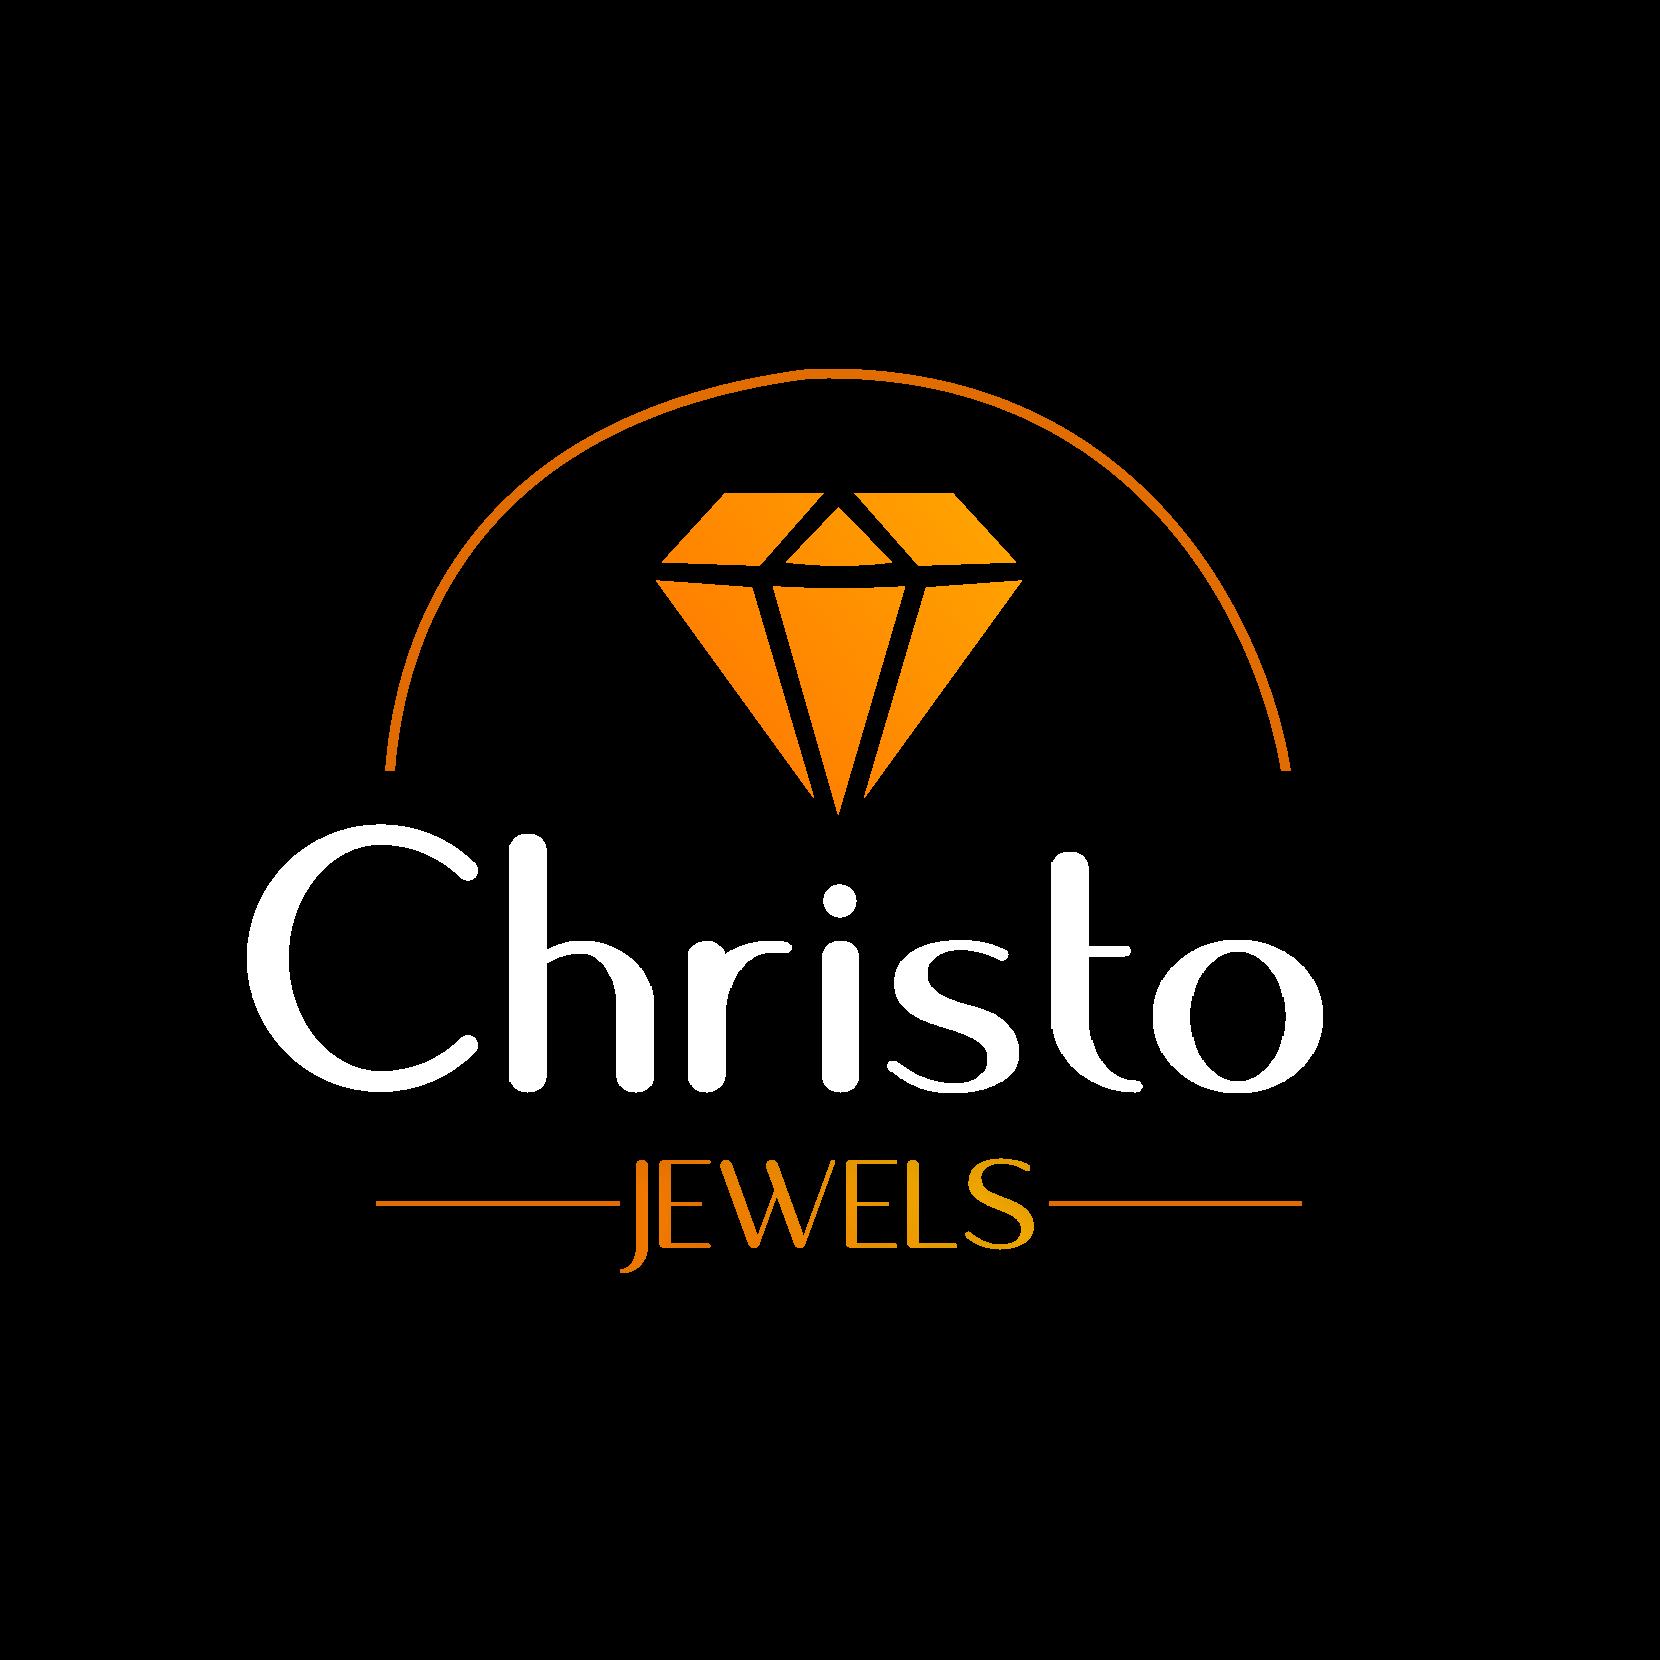 Christojewels